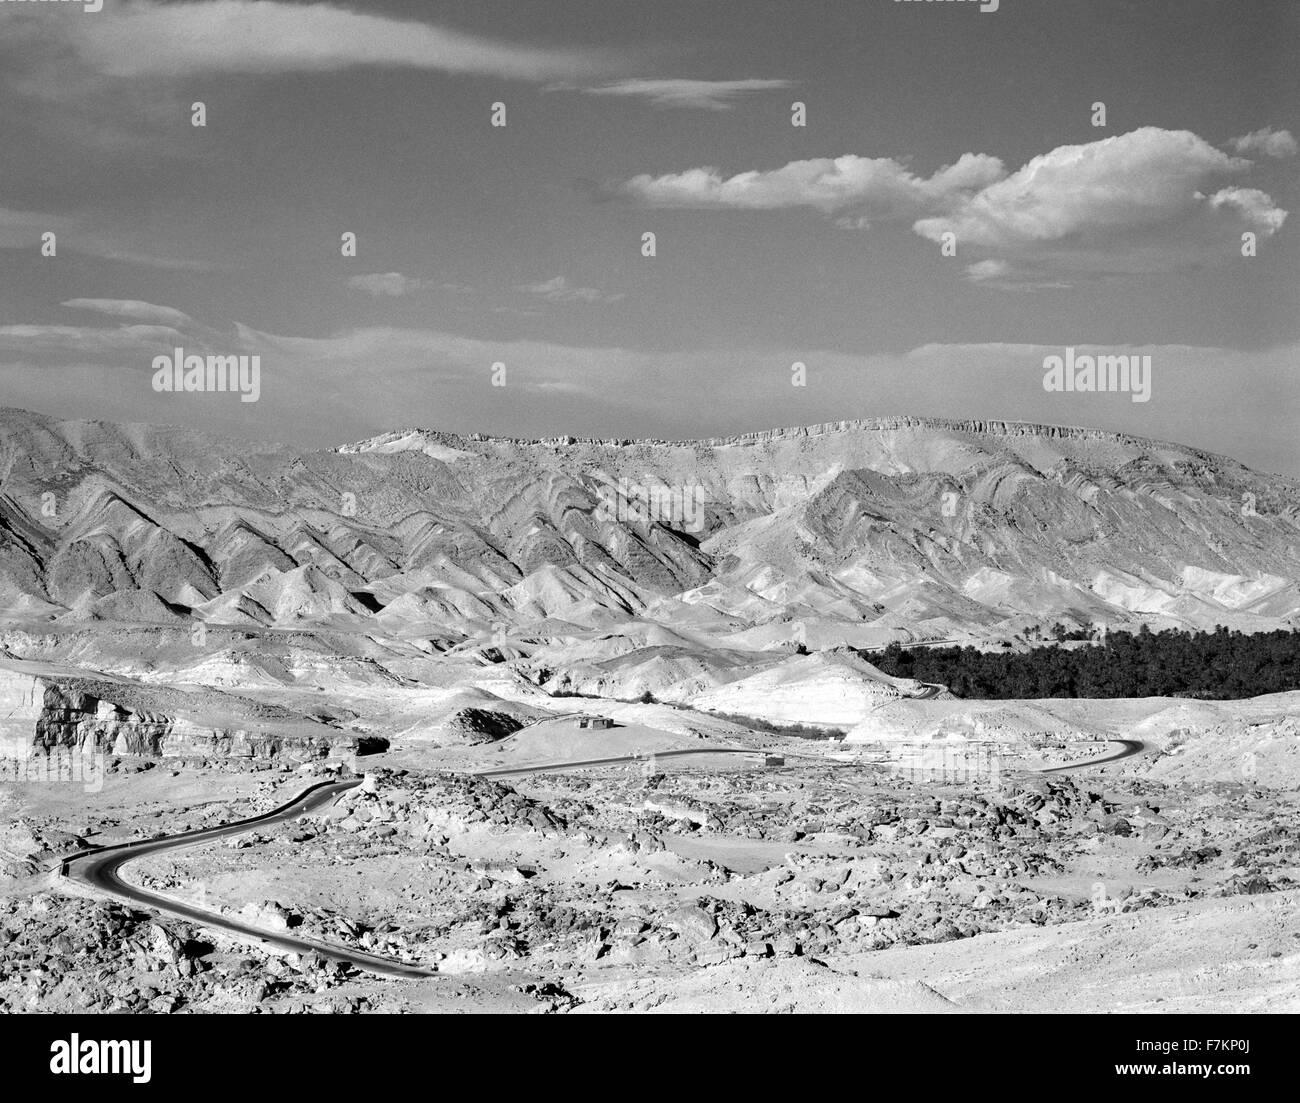 Un Palmeral llena el paisaje en la región de Gafsa del sur de Túnez, cerca de Chitri. Túnez. En el Imagen De Stock